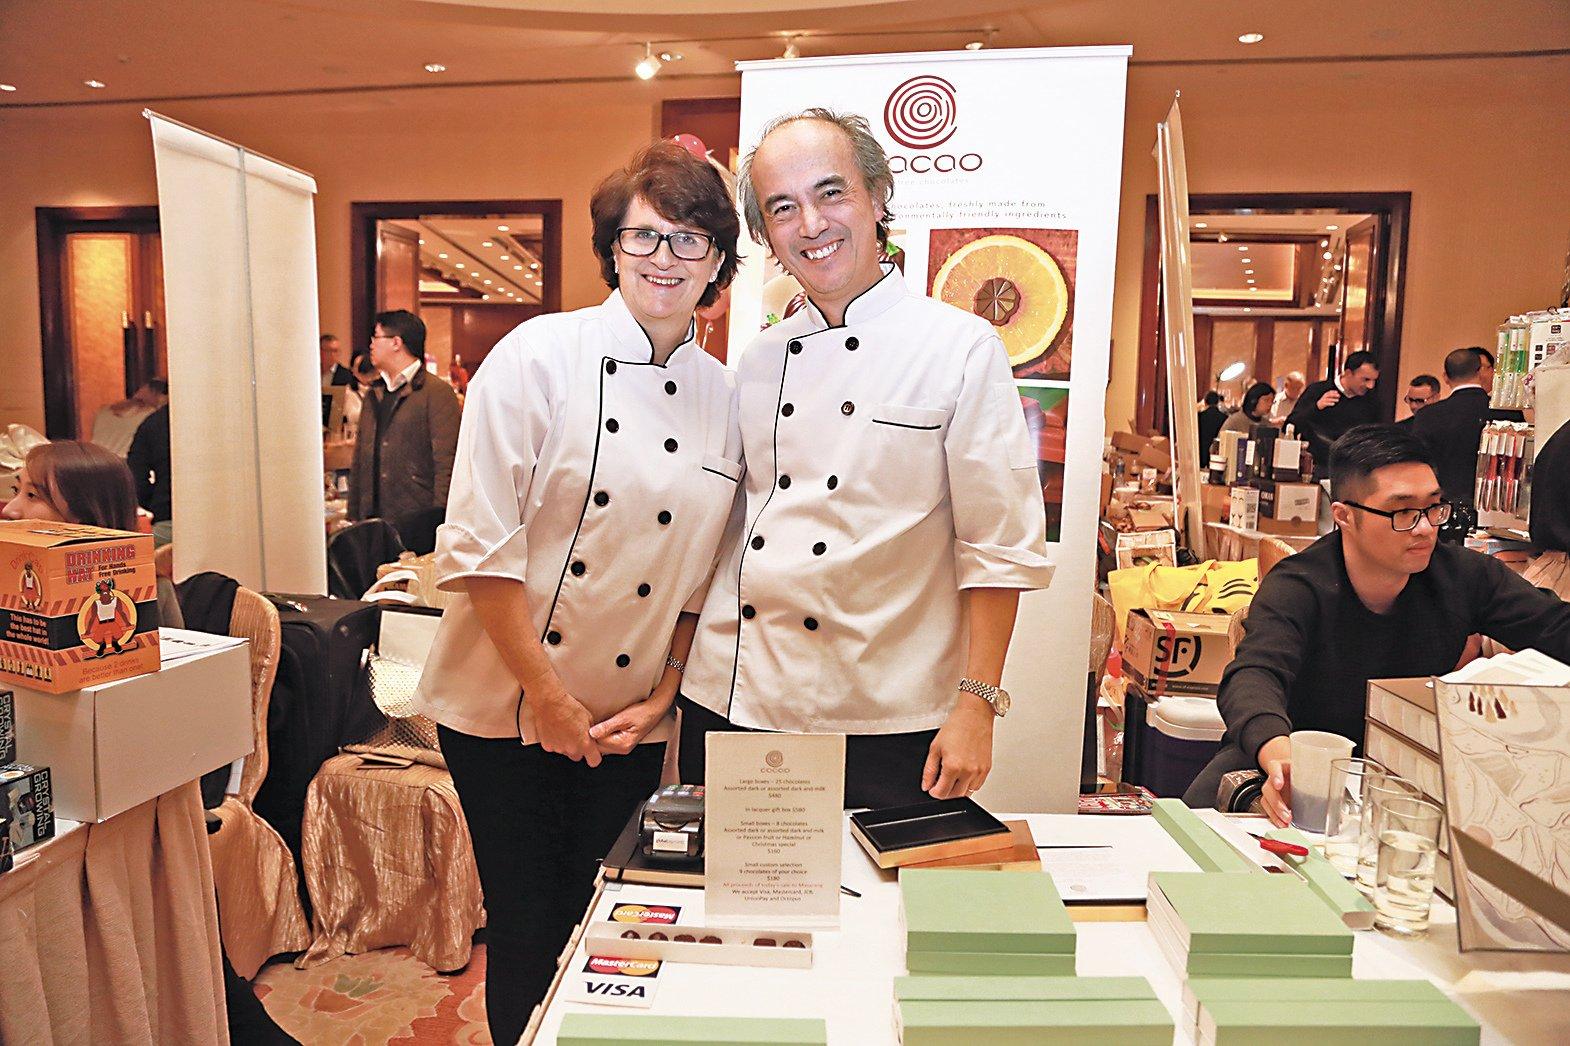 英國夫婦Carolyn(左)與Charles創辦Cacao公司,以家庭作坊的形式製作手工朱古力。